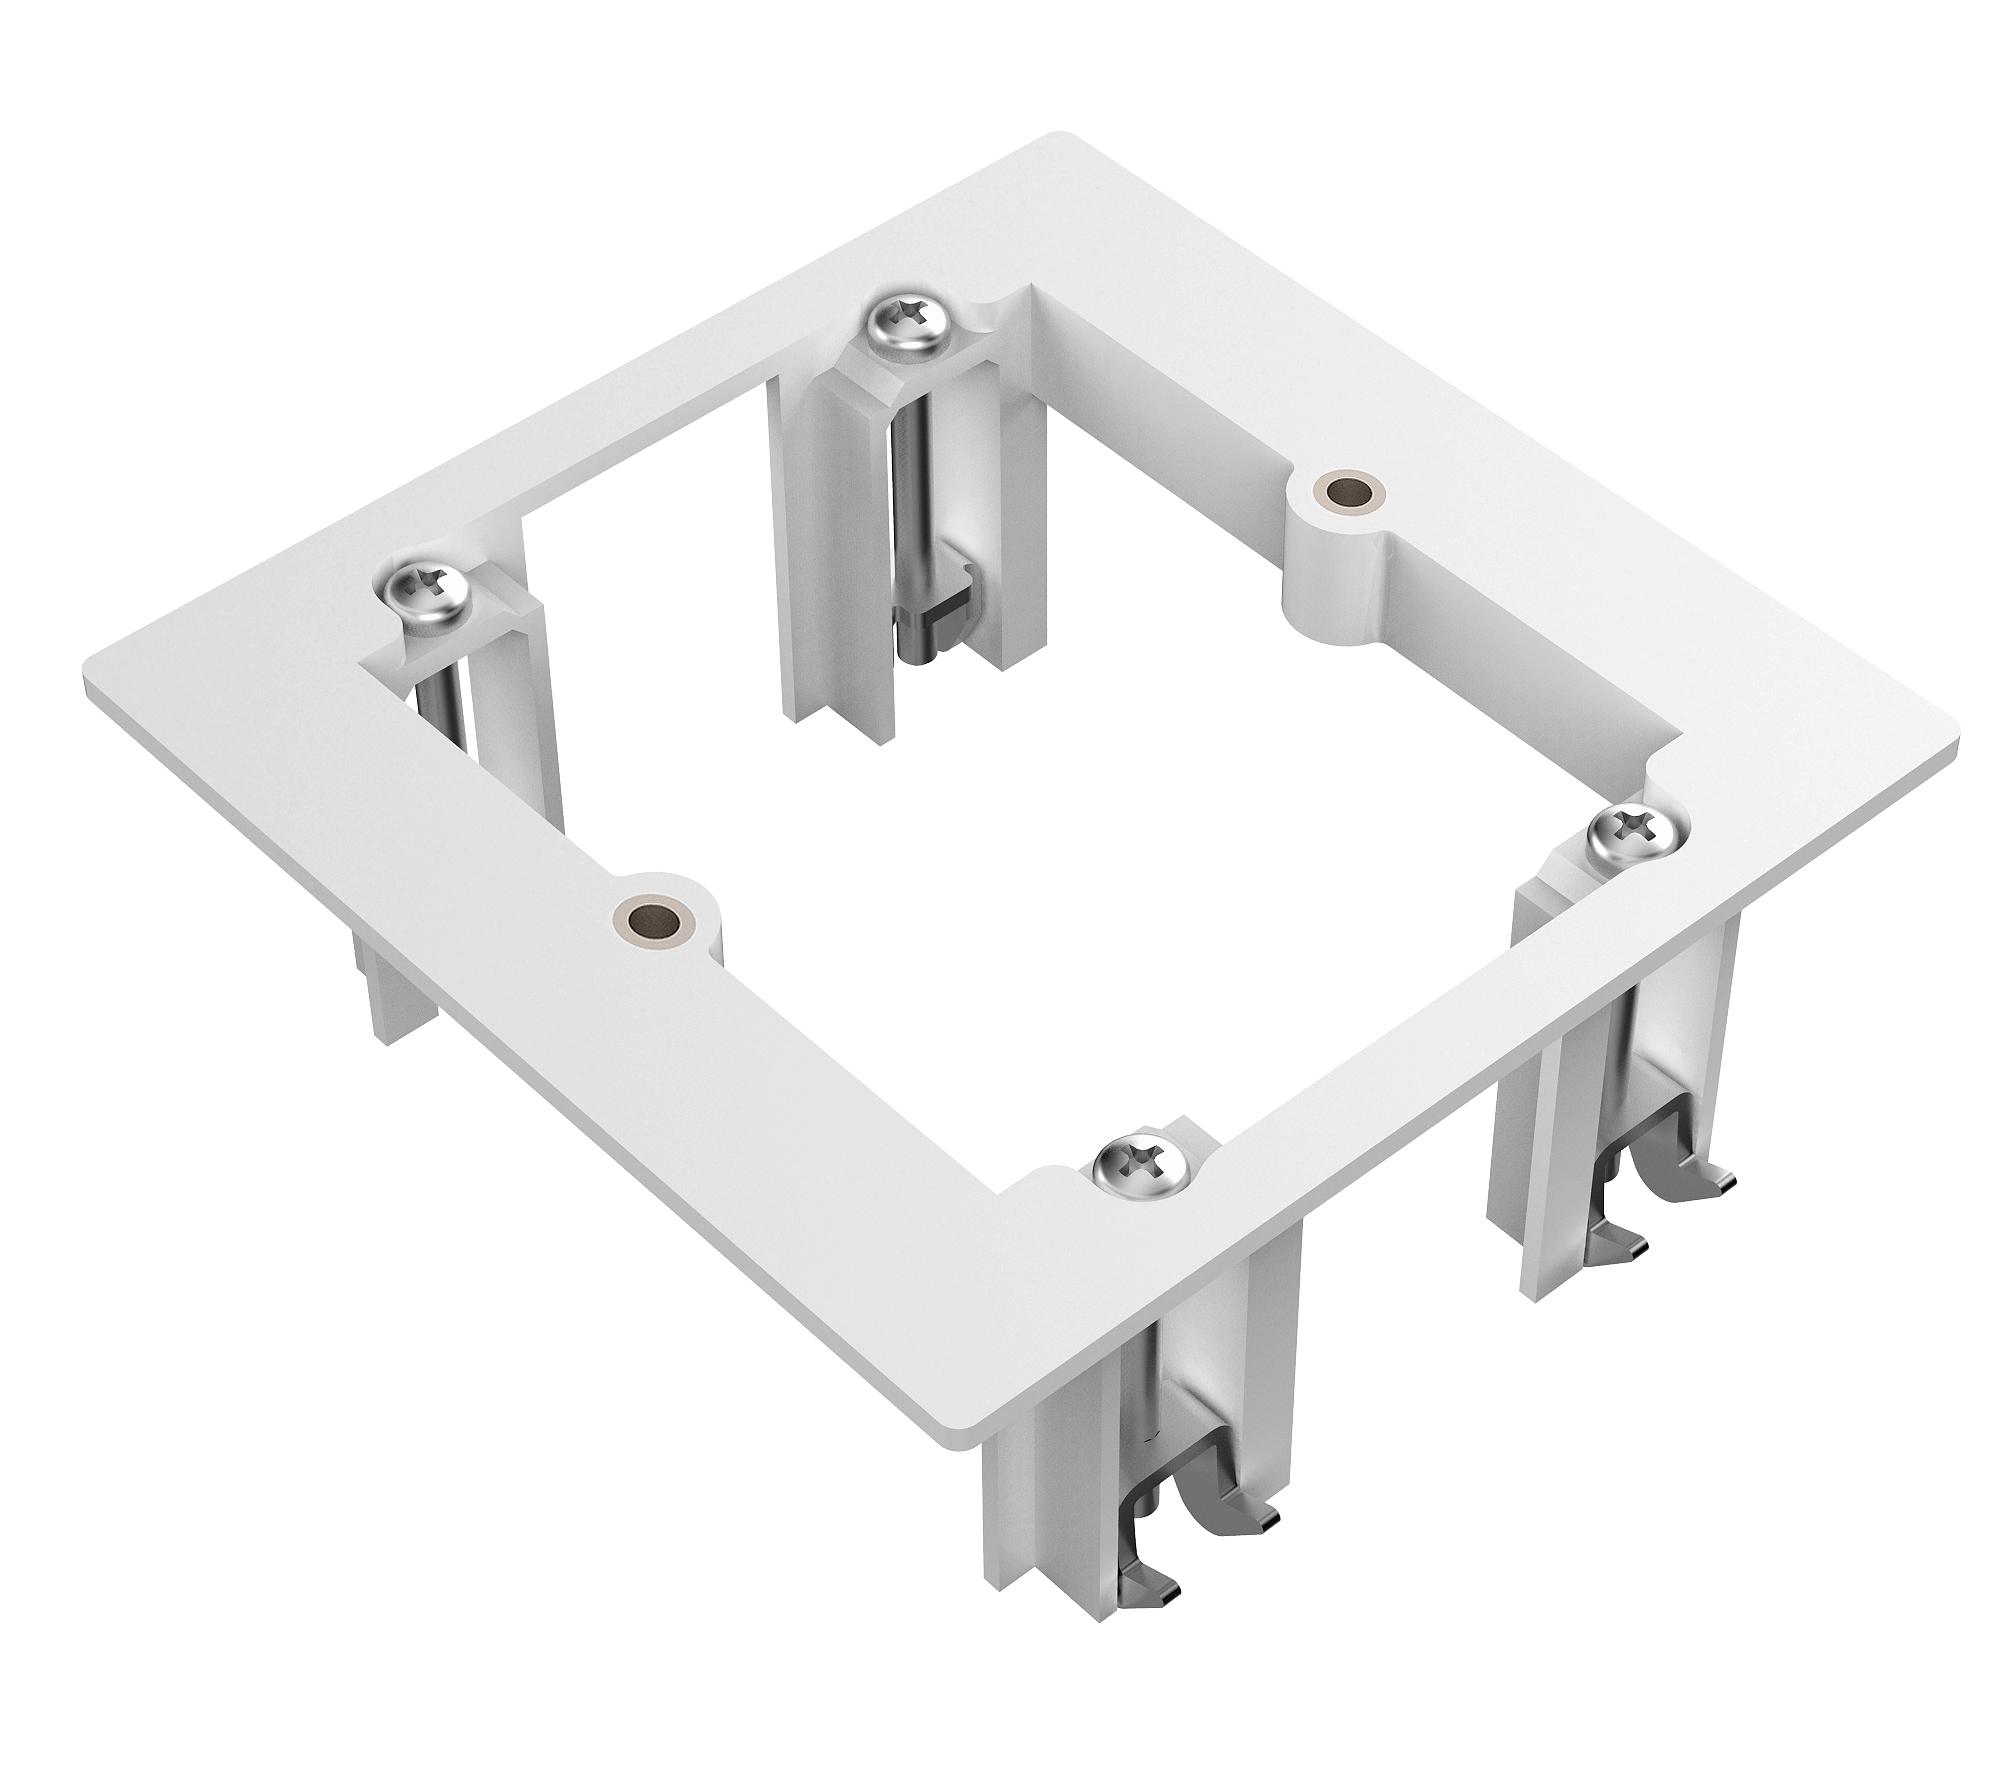 Vision TC2 MUDRING1G mounting kit